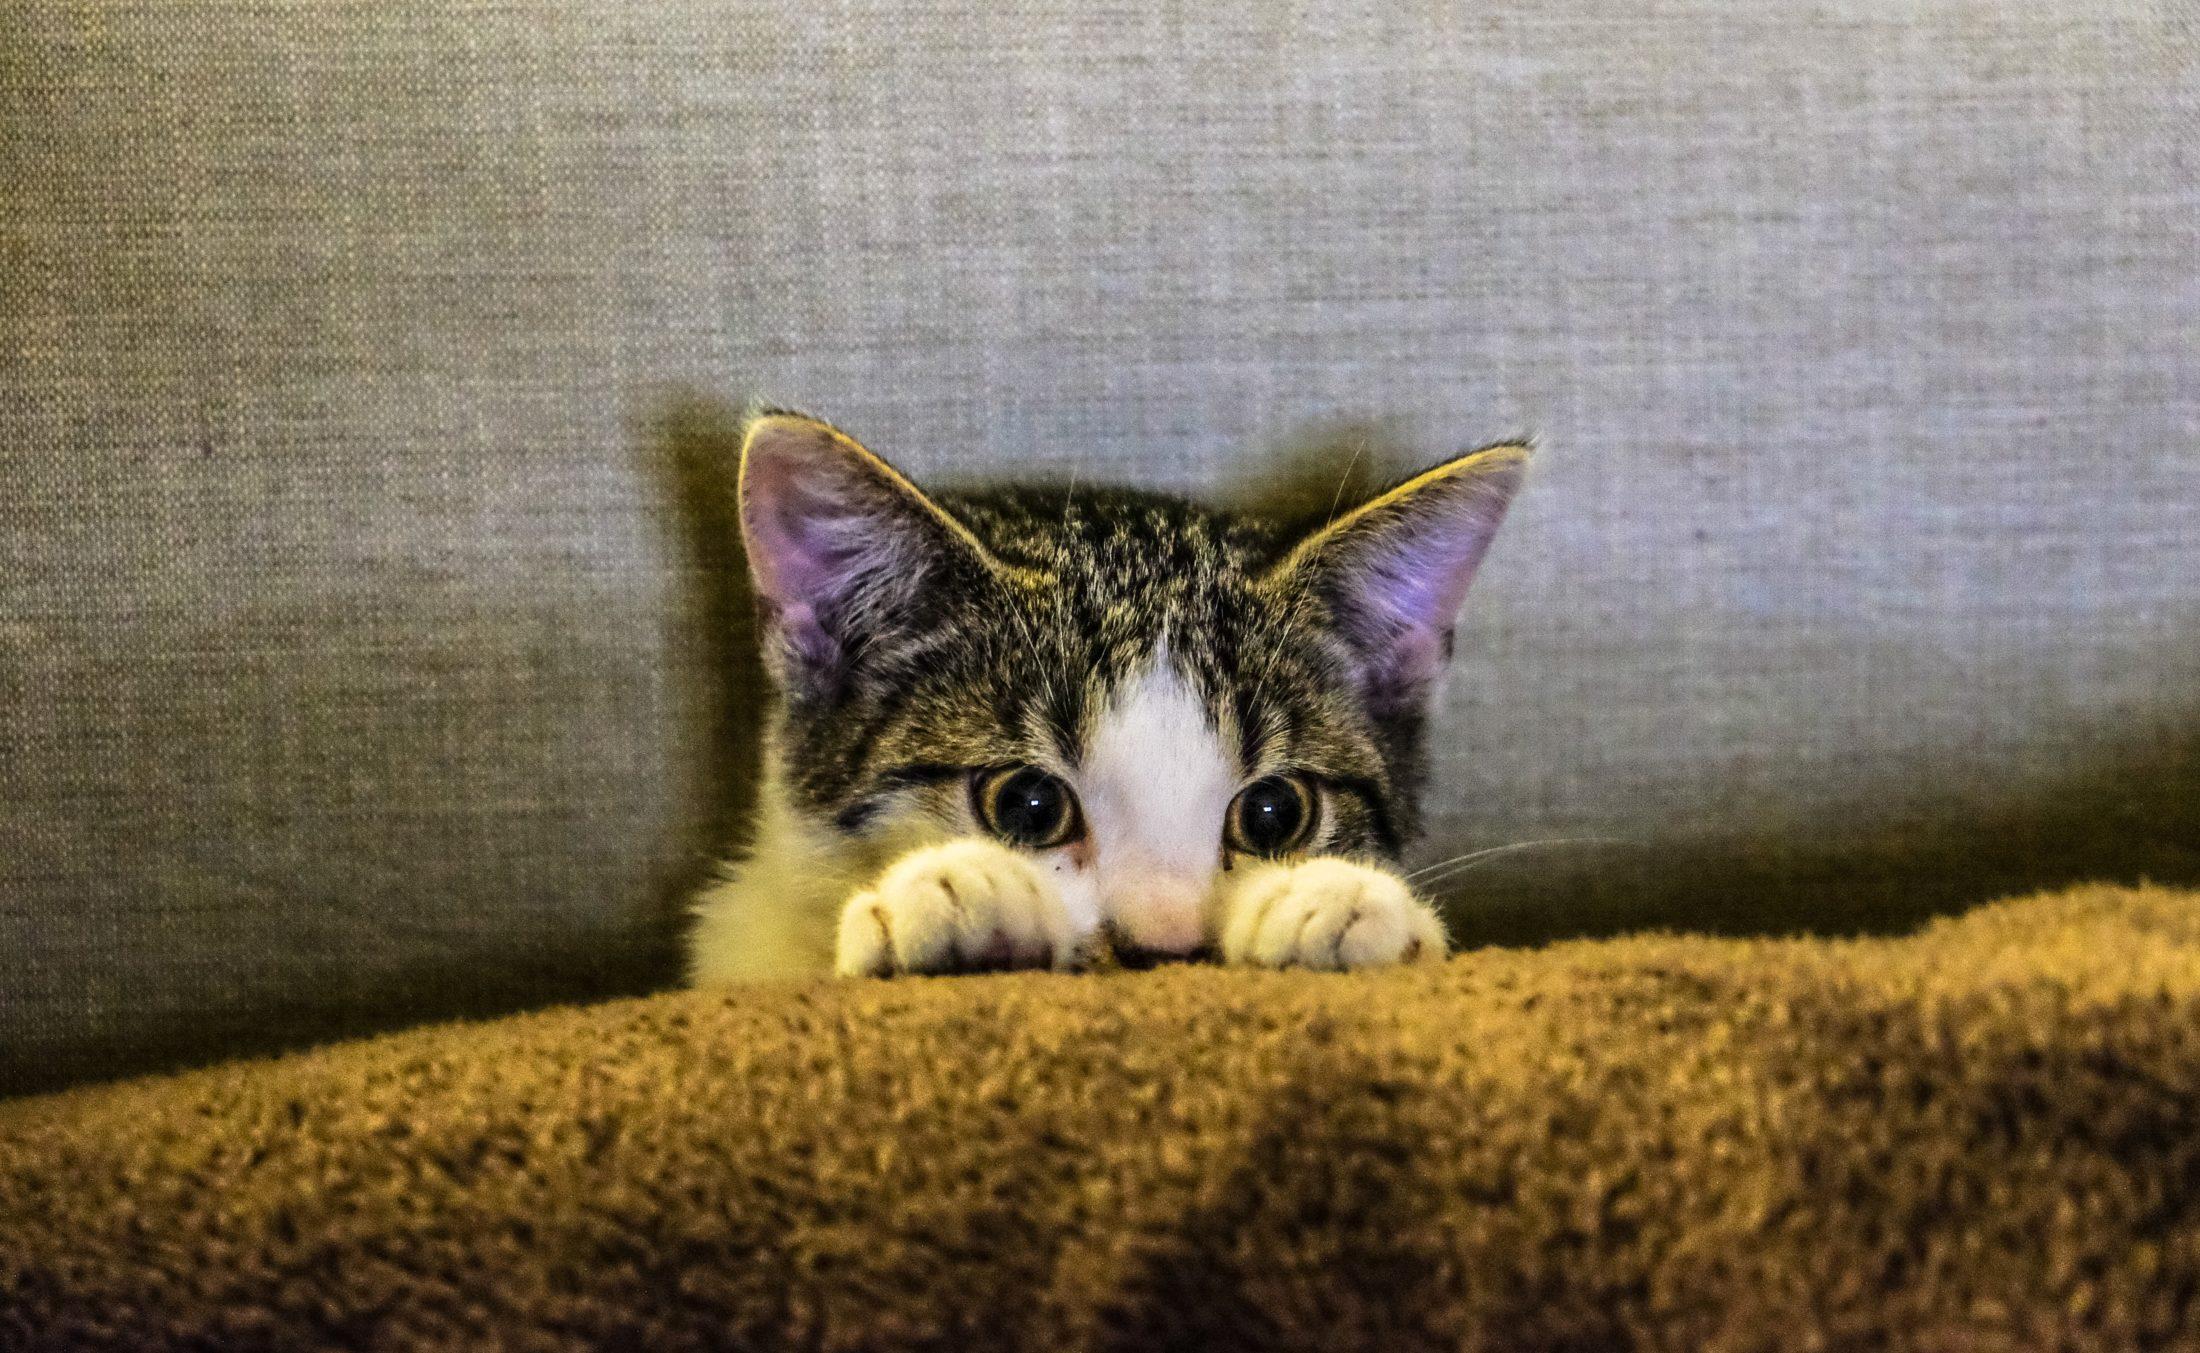 gato para adoção escondido entre as almofadas do sofá